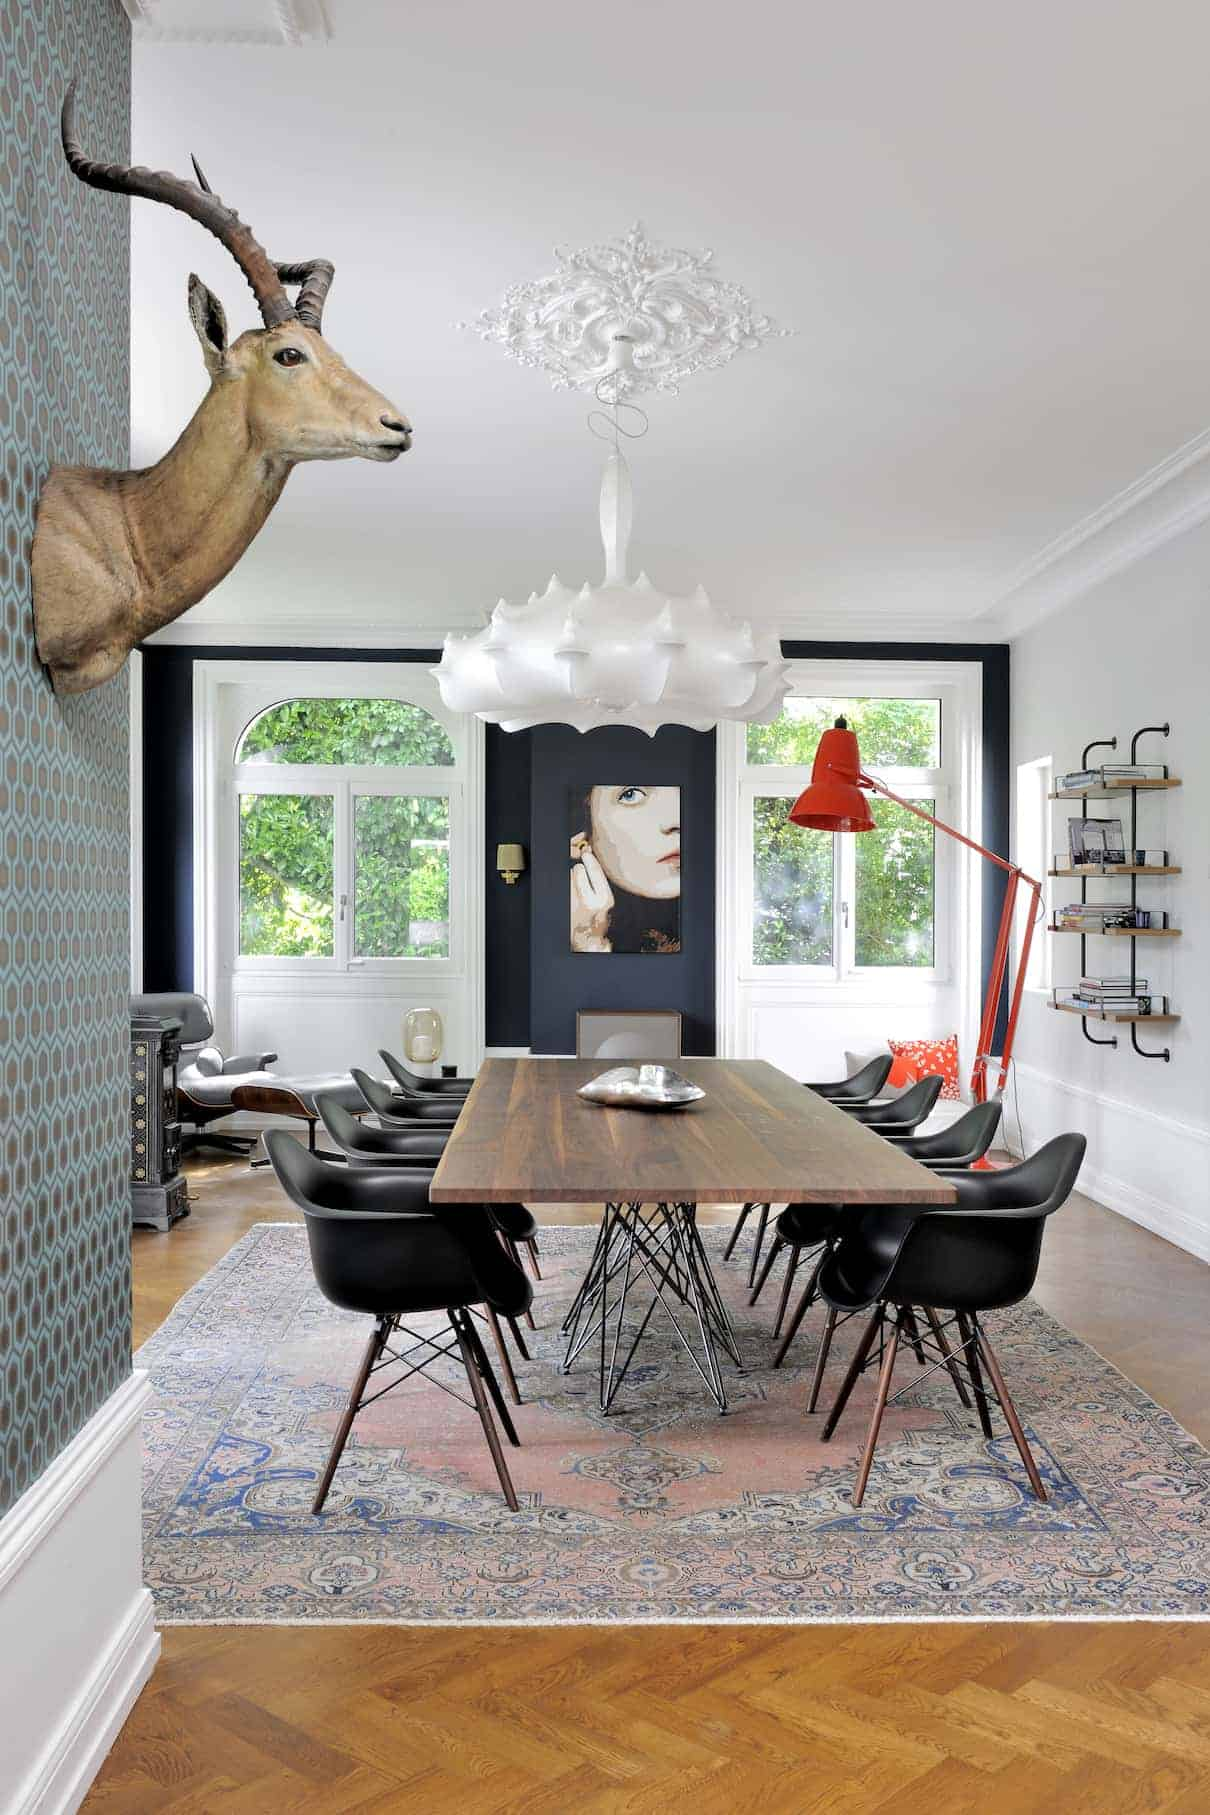 une maison r nov e et d cor e par l 39 architecte michel lagier charbonni res les bains domodeco. Black Bedroom Furniture Sets. Home Design Ideas